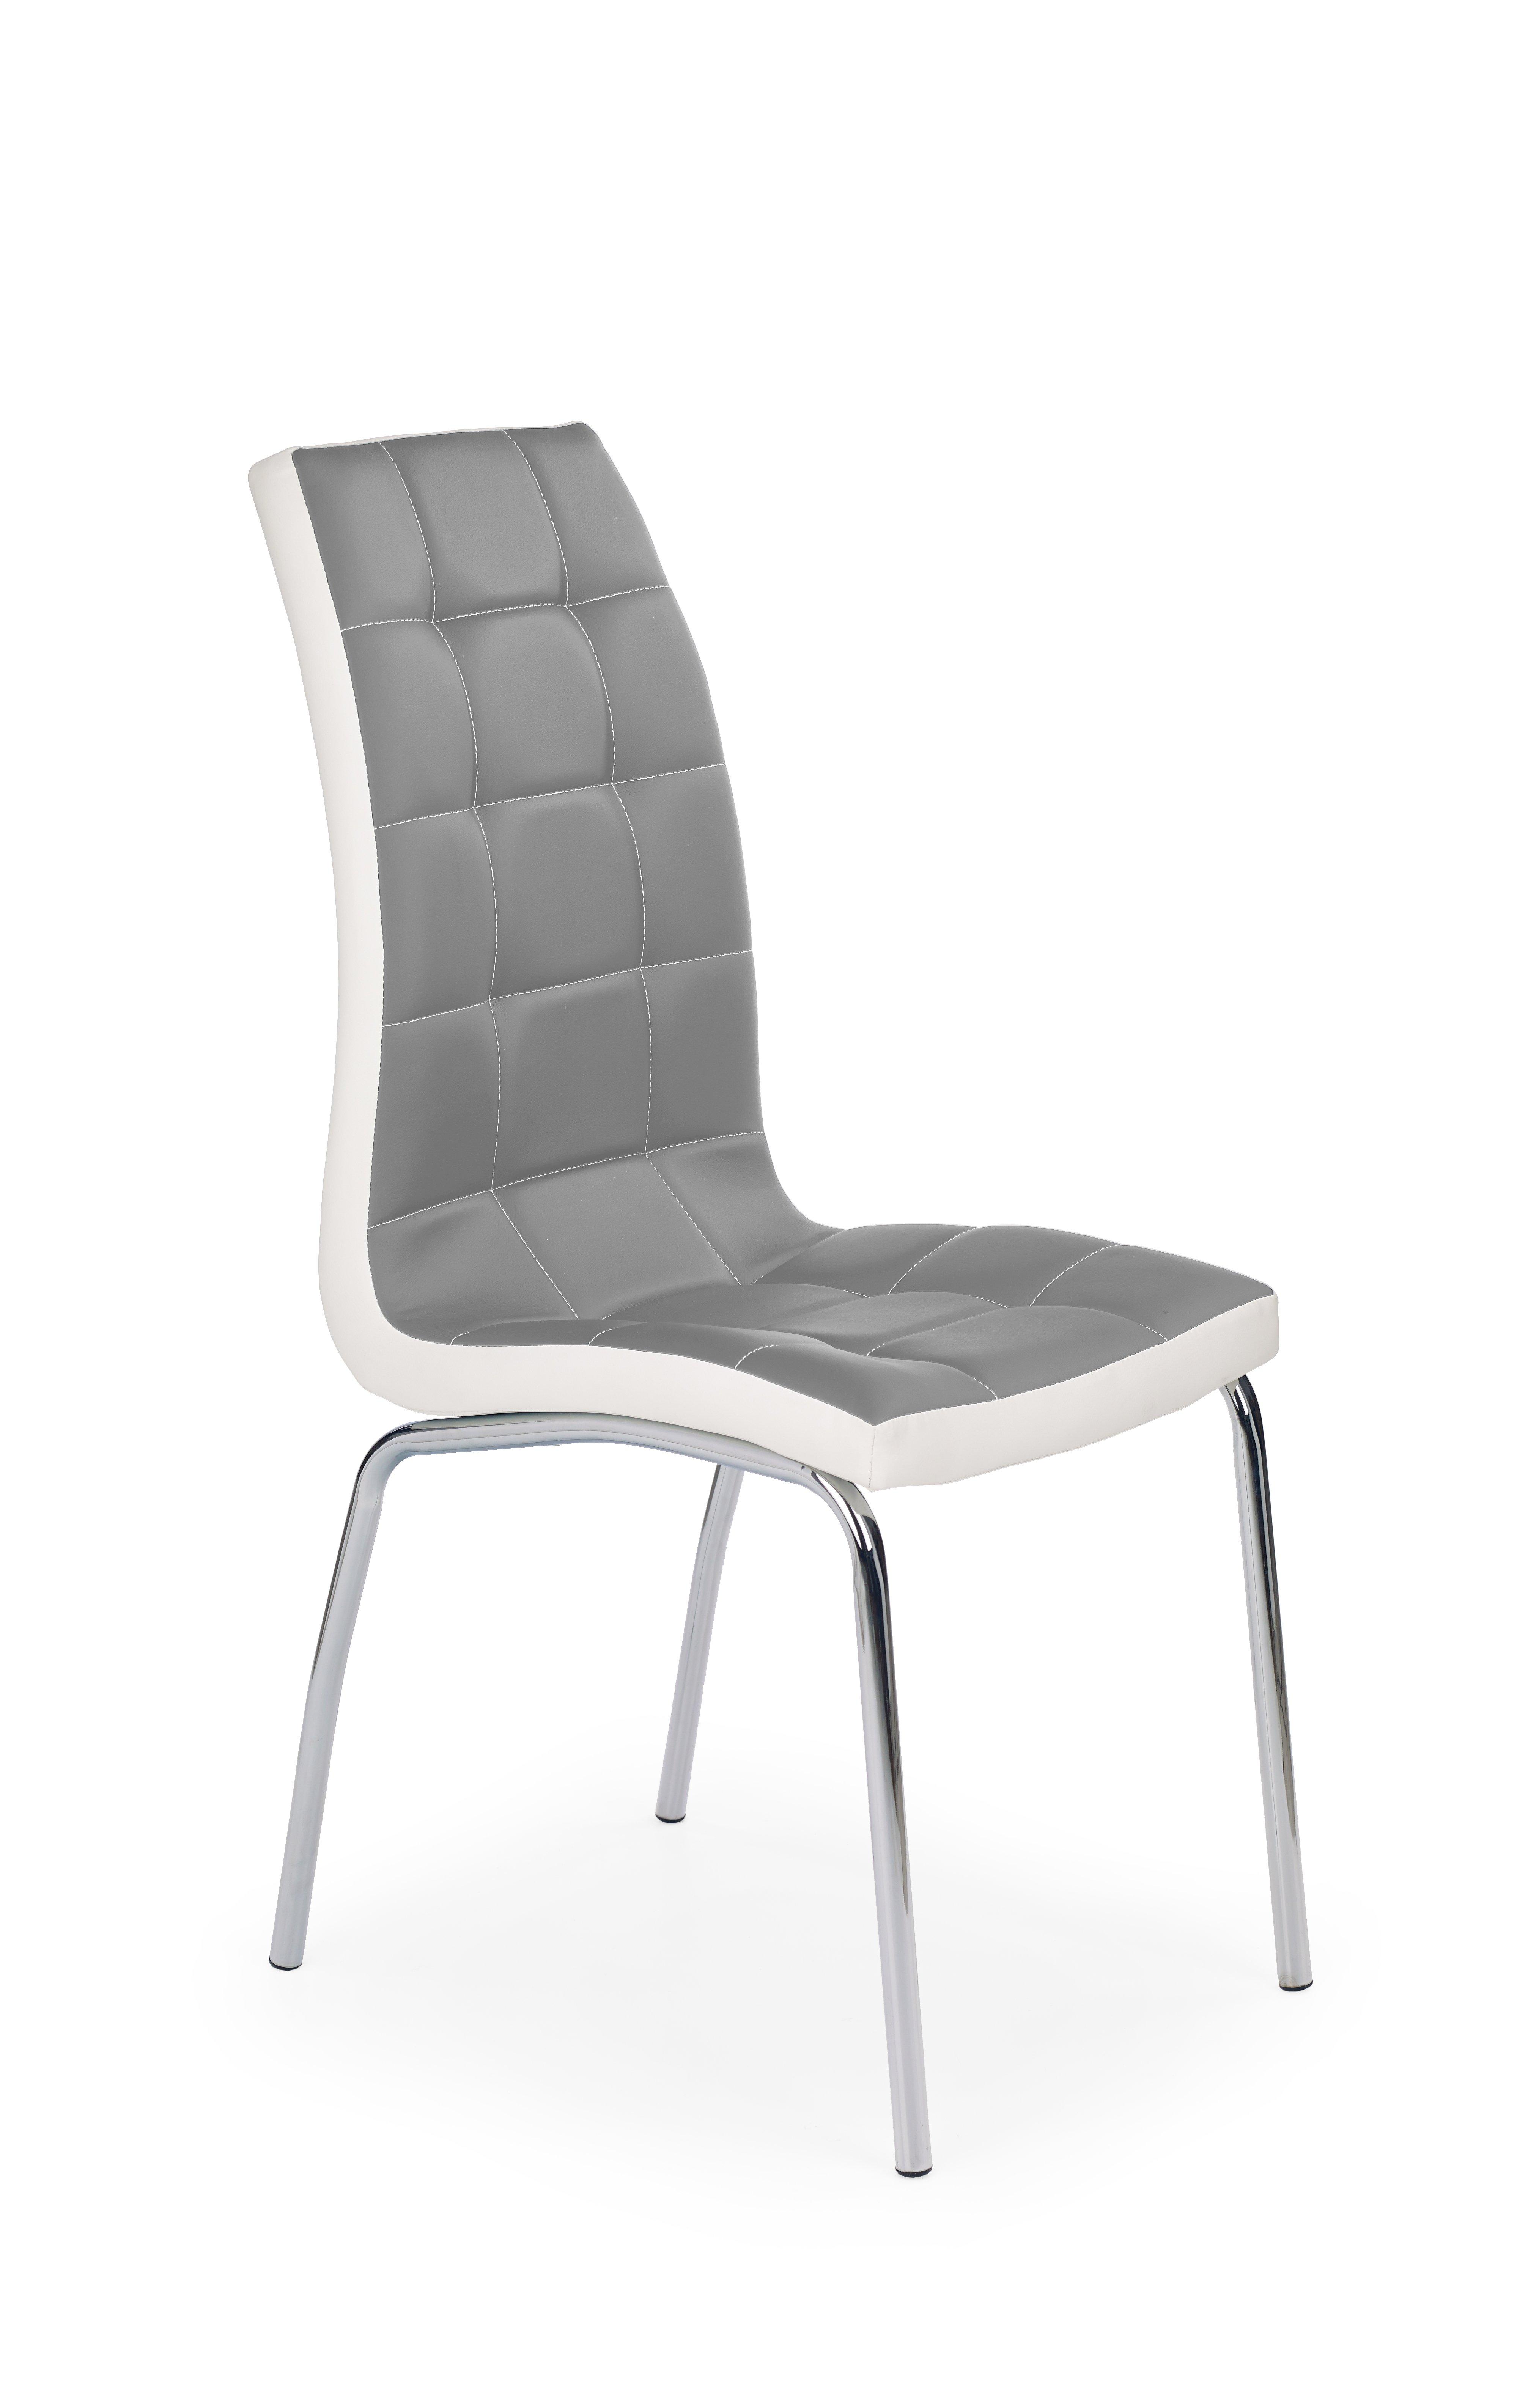 Scaun tapitat cu piele ecologica, cu picioare metalice K186 Grey / White, l42xA63xH100 cm poza